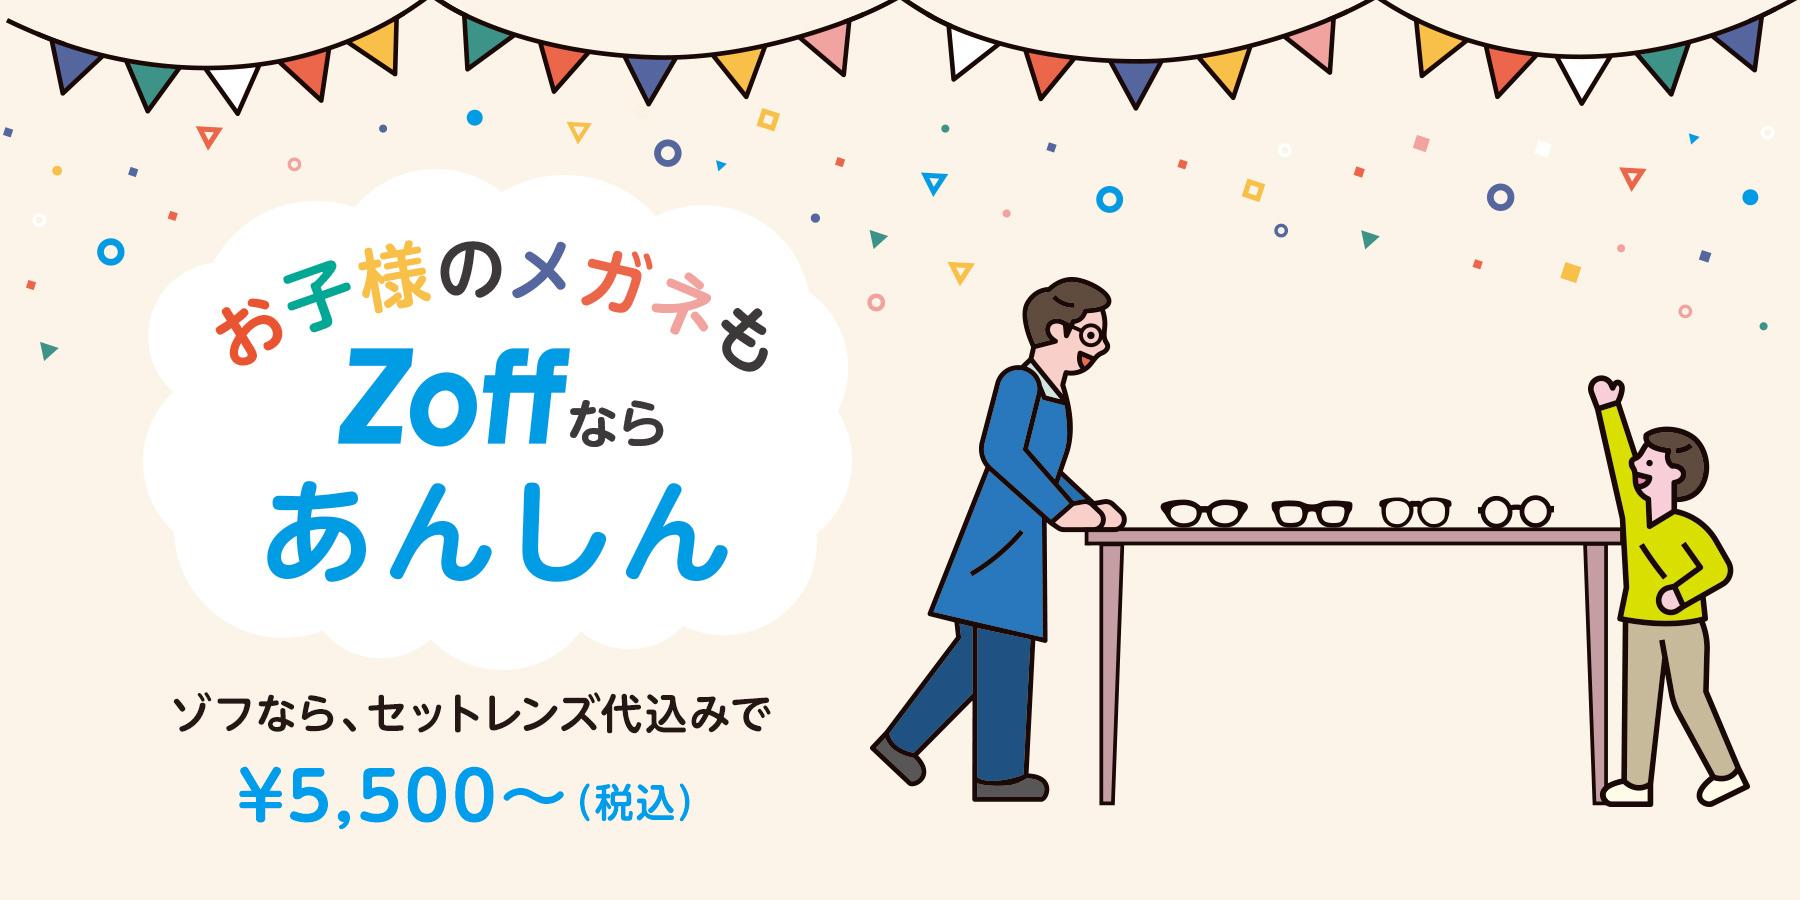 はじめてのお子様のメガネ選びもZoffなら安心!5月28日(金)にキッズサイズの新商品が続々入荷